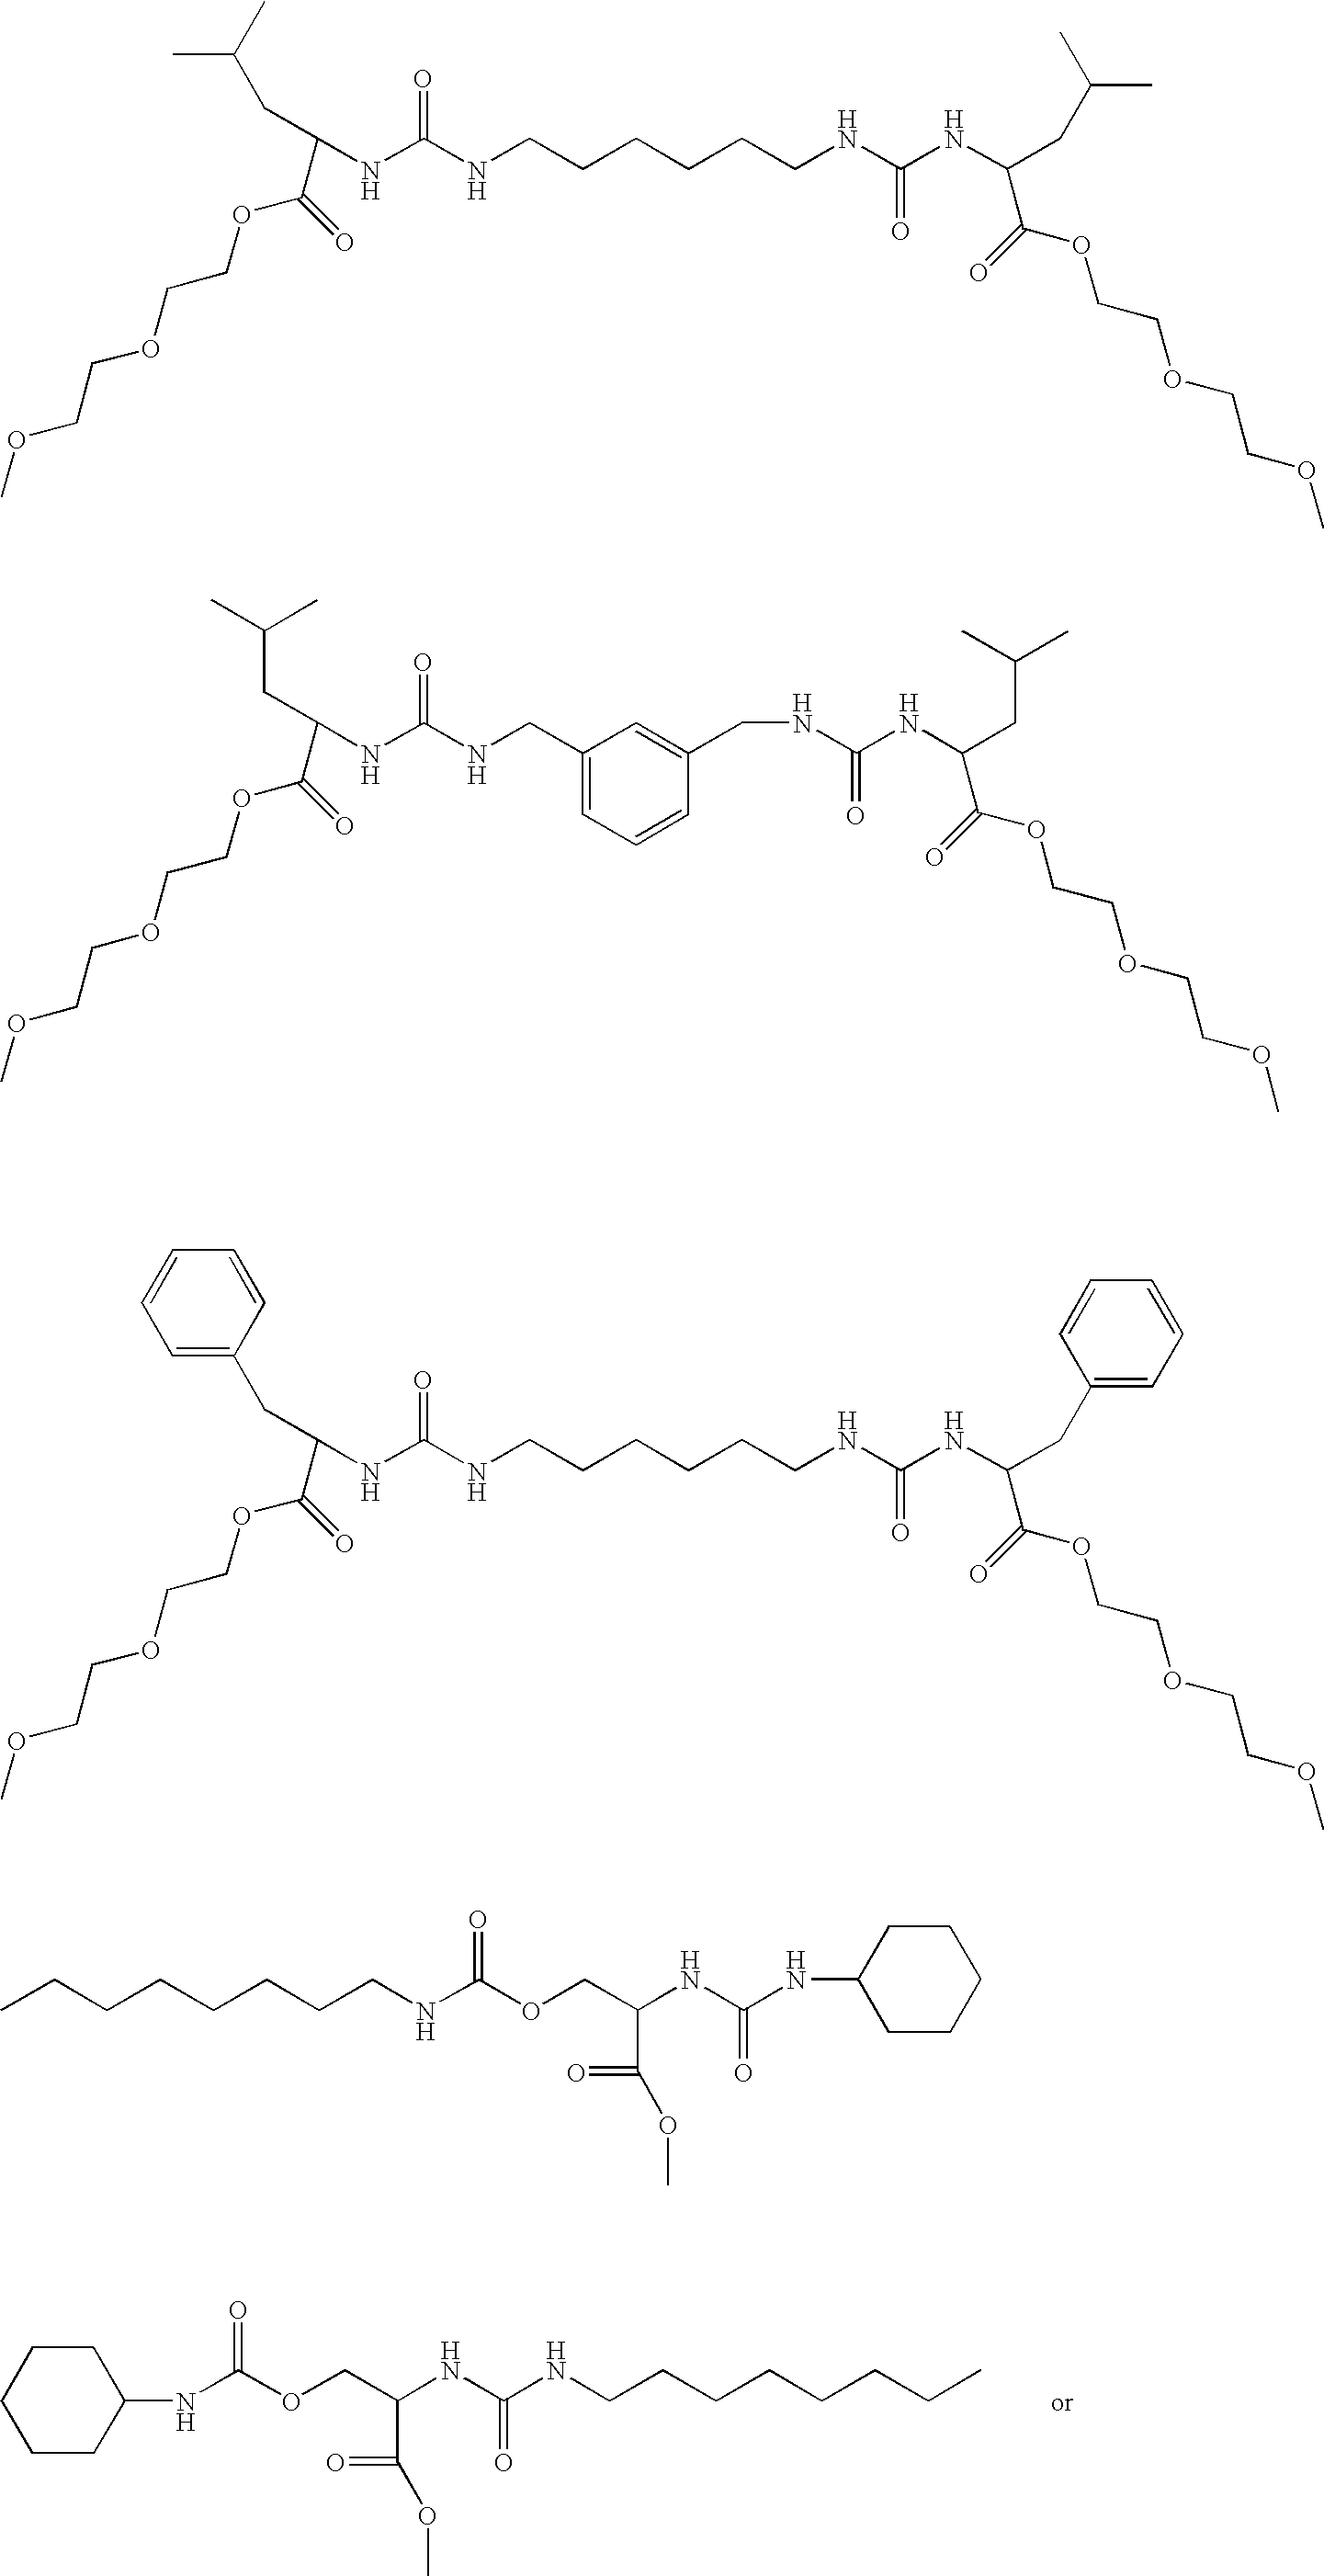 Figure US20060155146A1-20060713-C00044